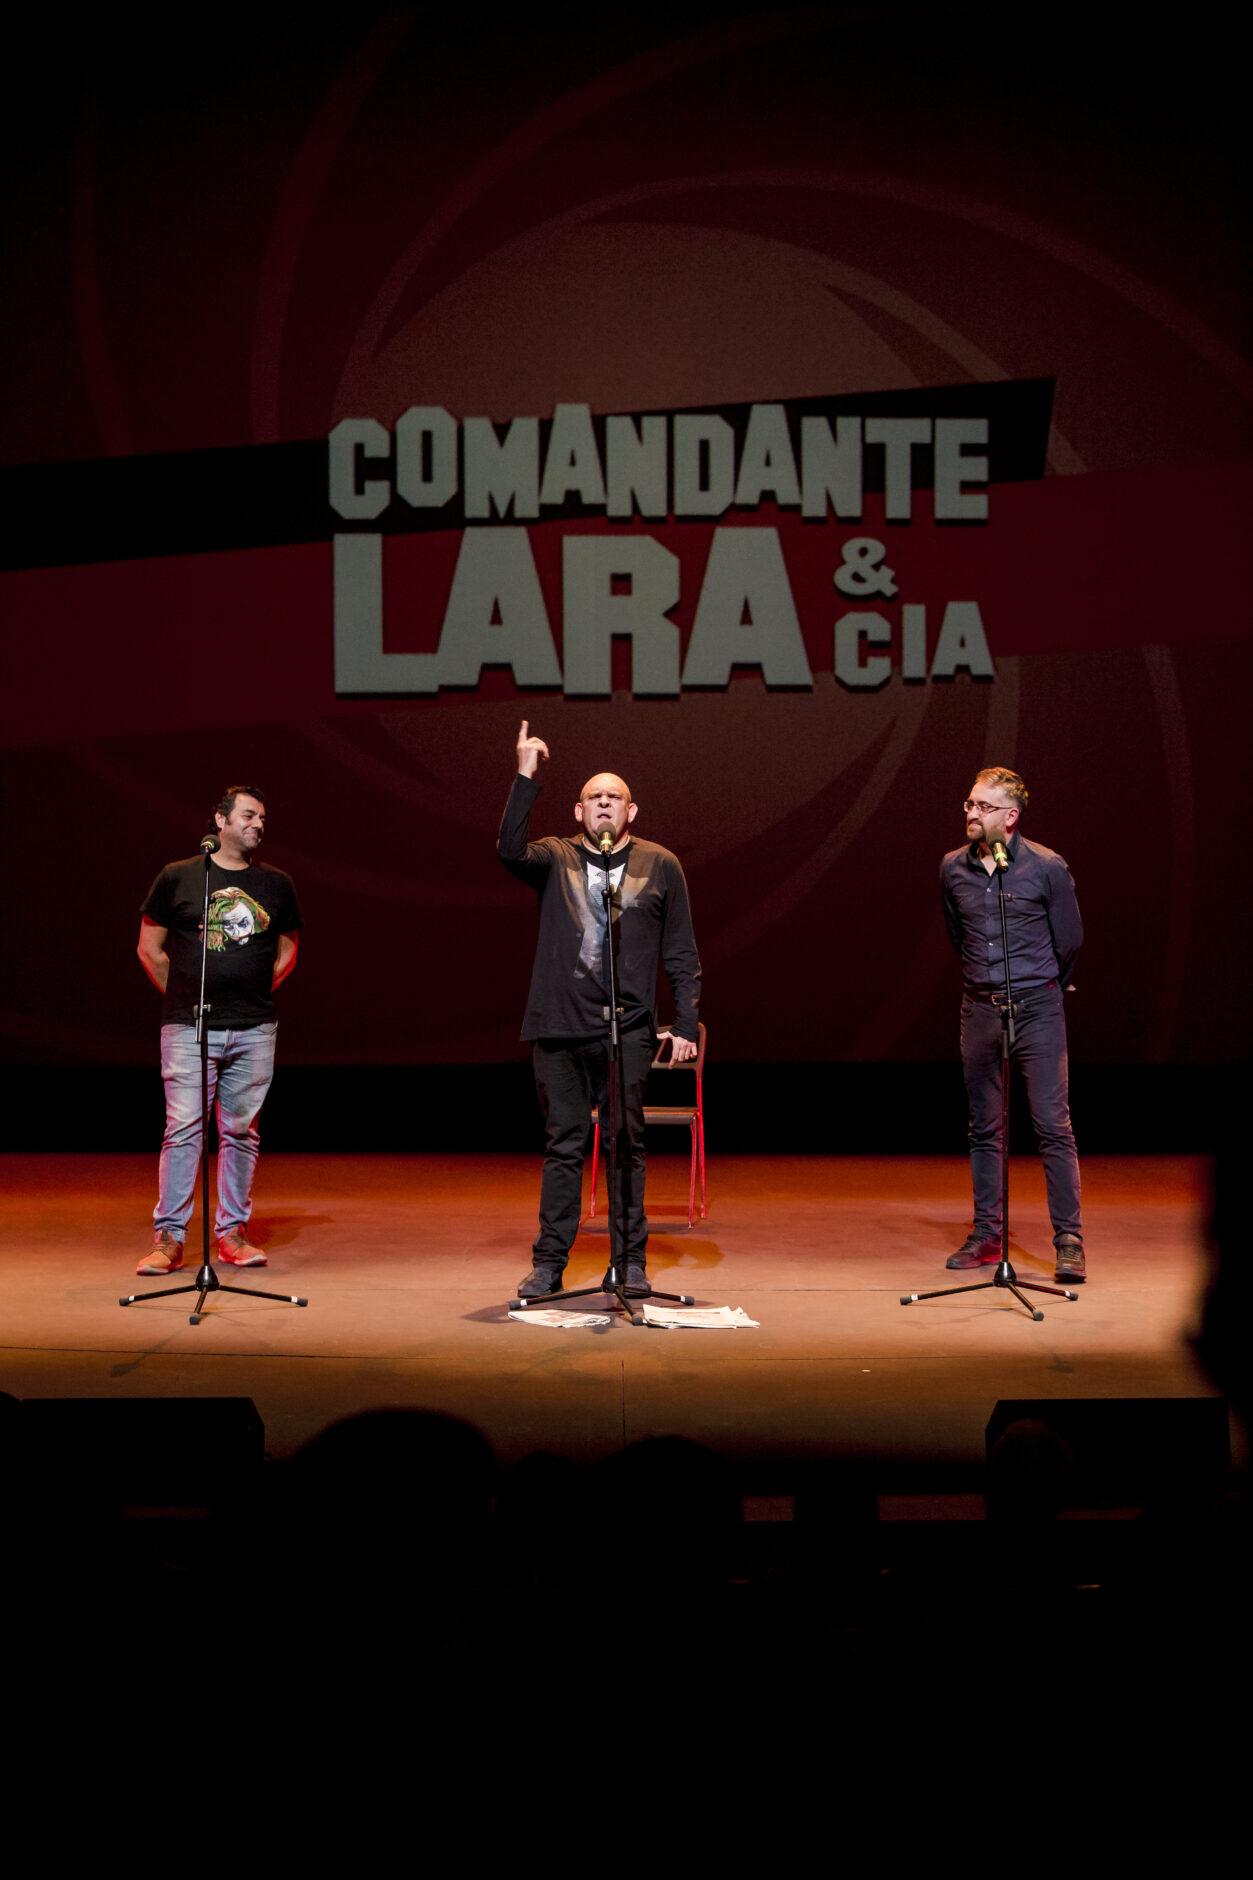 COMANDANTE LARA & CIA 2